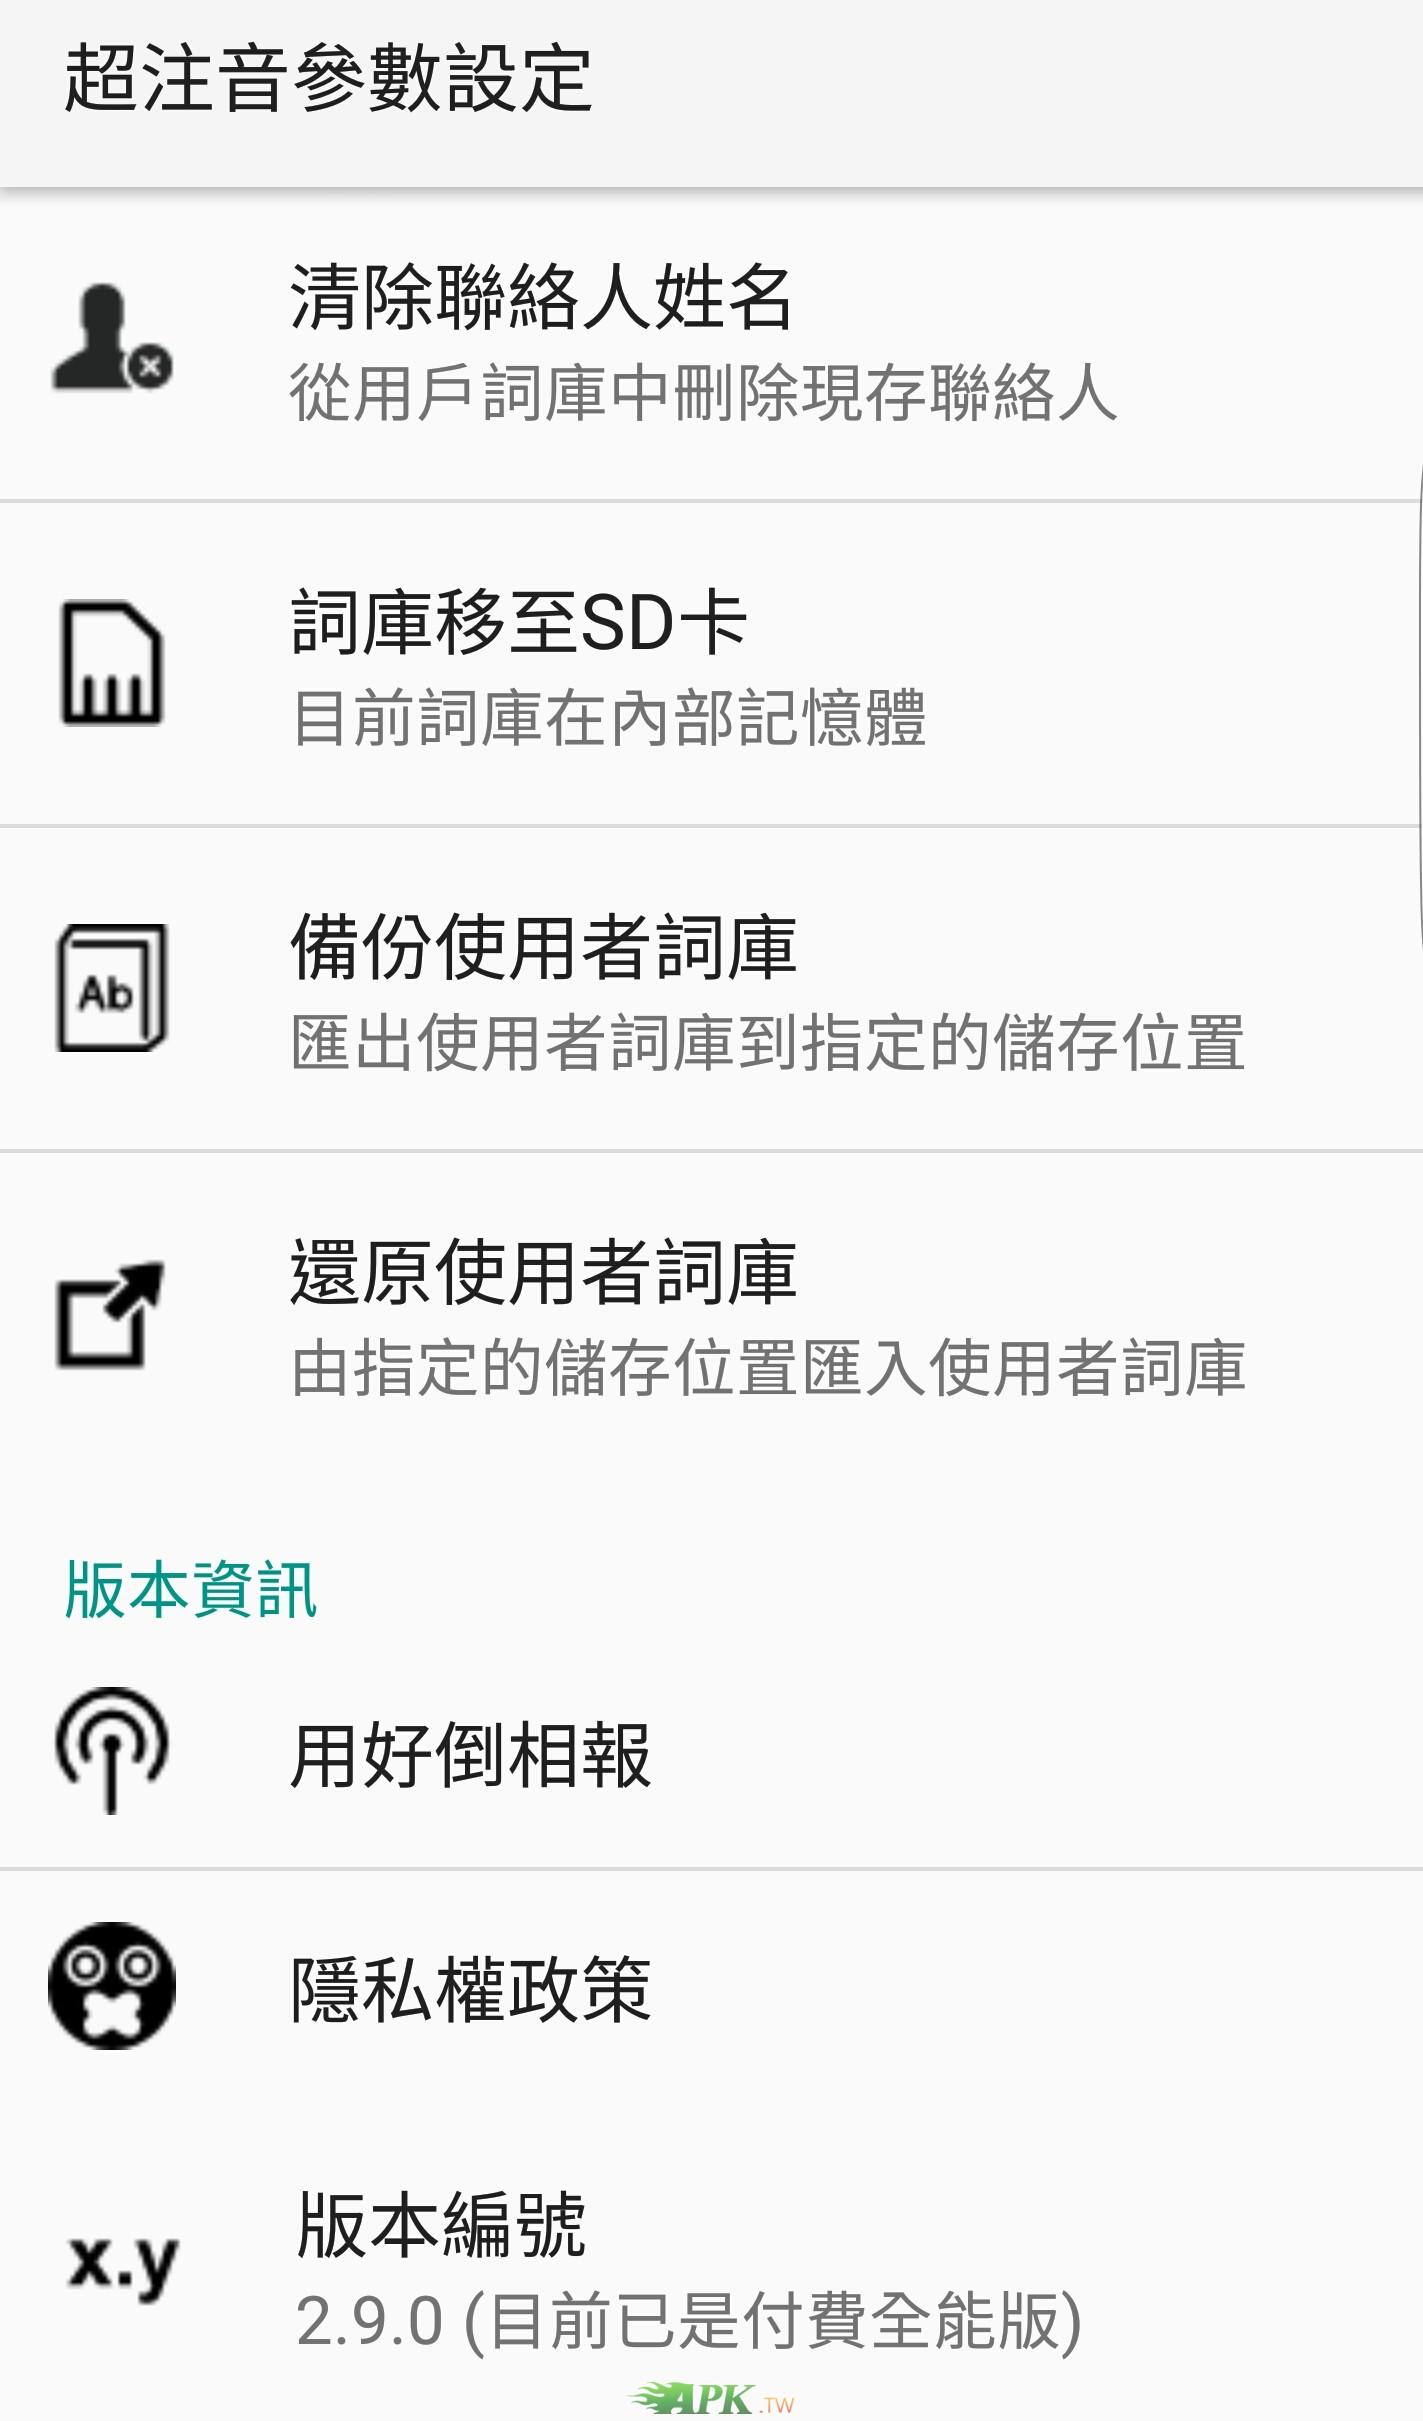 Screenshot_20170105-224917.jpg